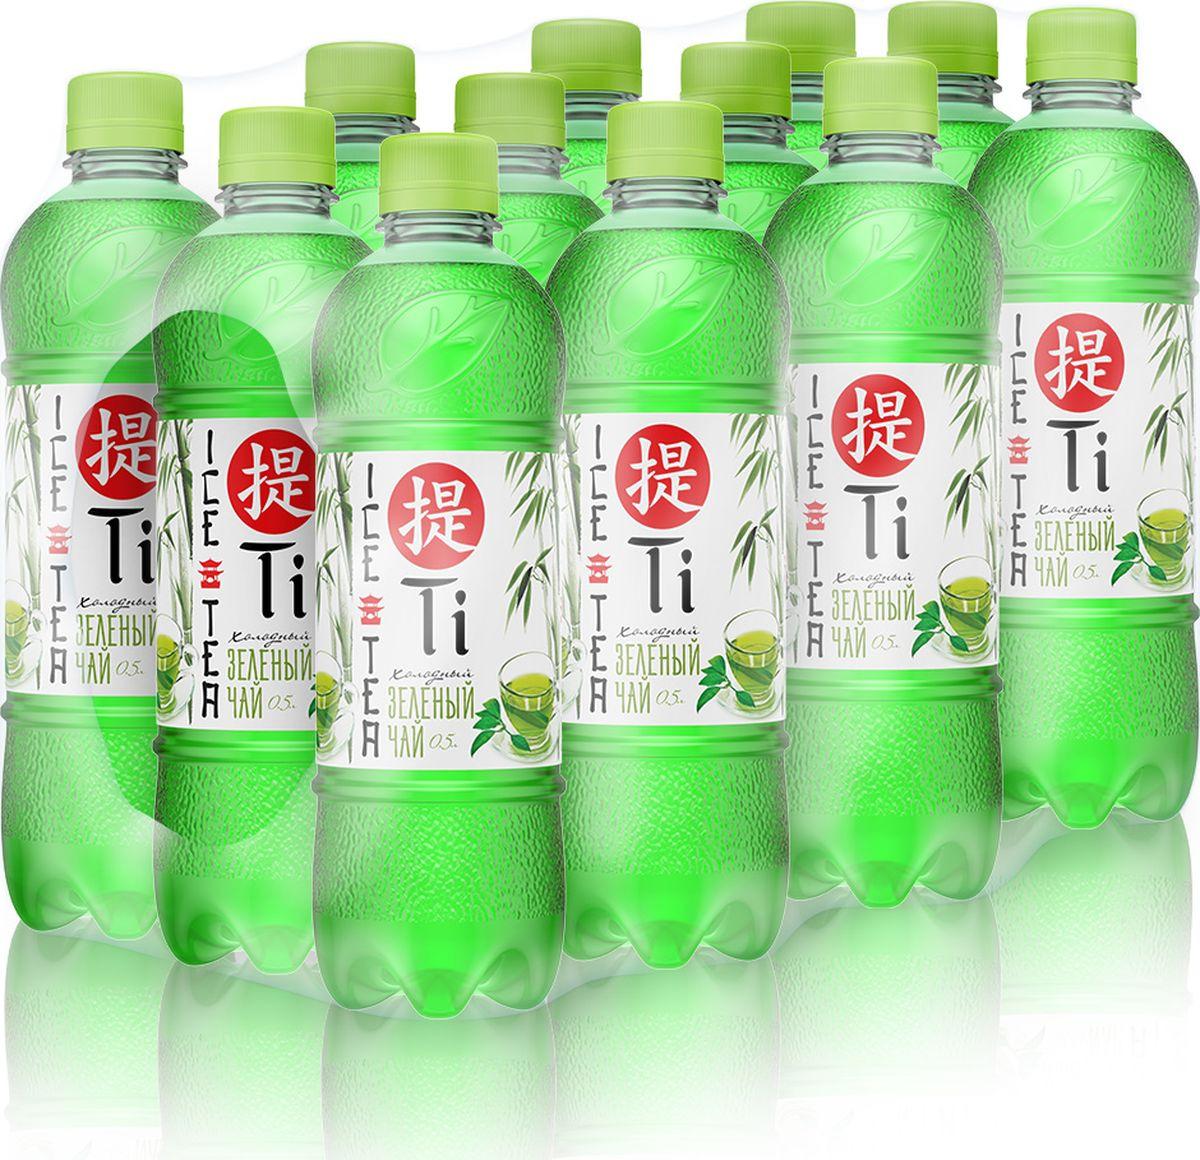 Холодный чай Калинов Родник Ti зеленый, 12 шт по 500 мл вода калинов родник актив со вкусом малины 12 шт по 500 мл